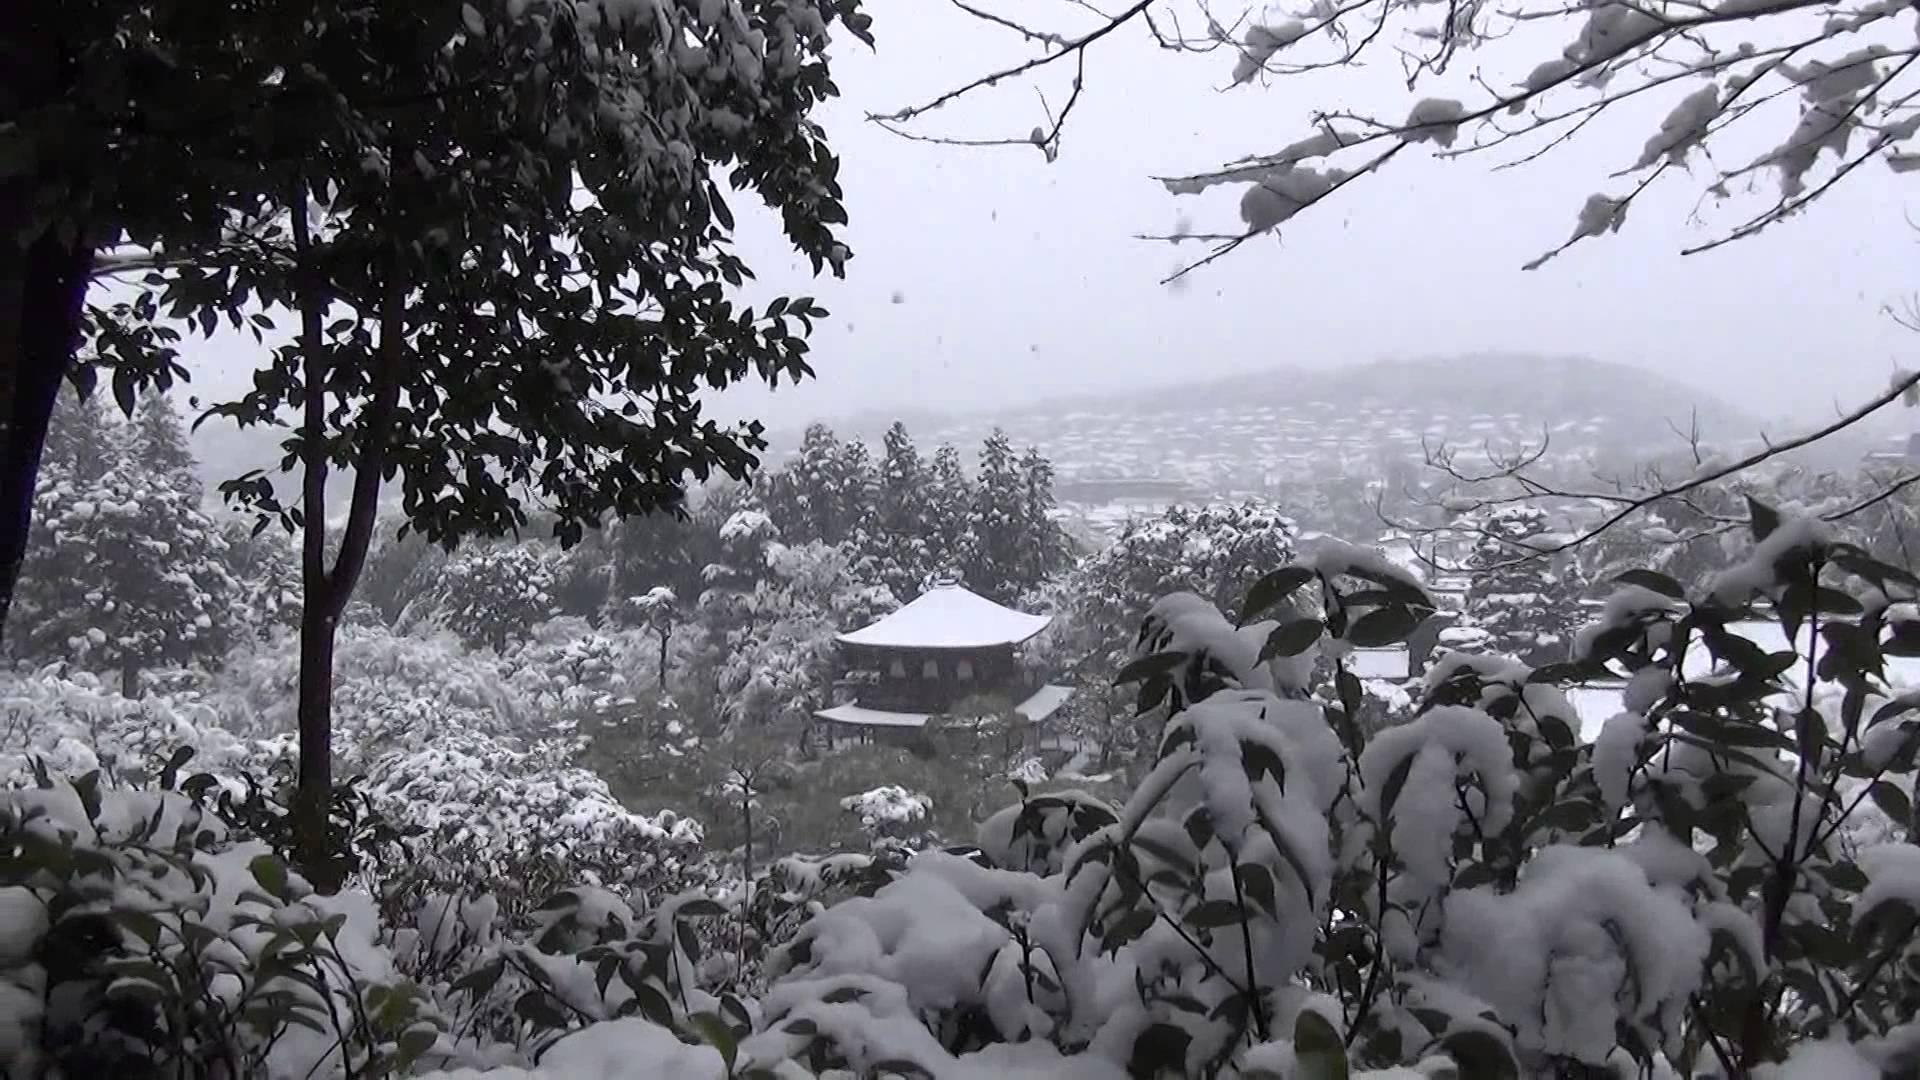 展望所から見た雪化粧銀閣寺とホワイトチョコで作ったように真っ白な街並み